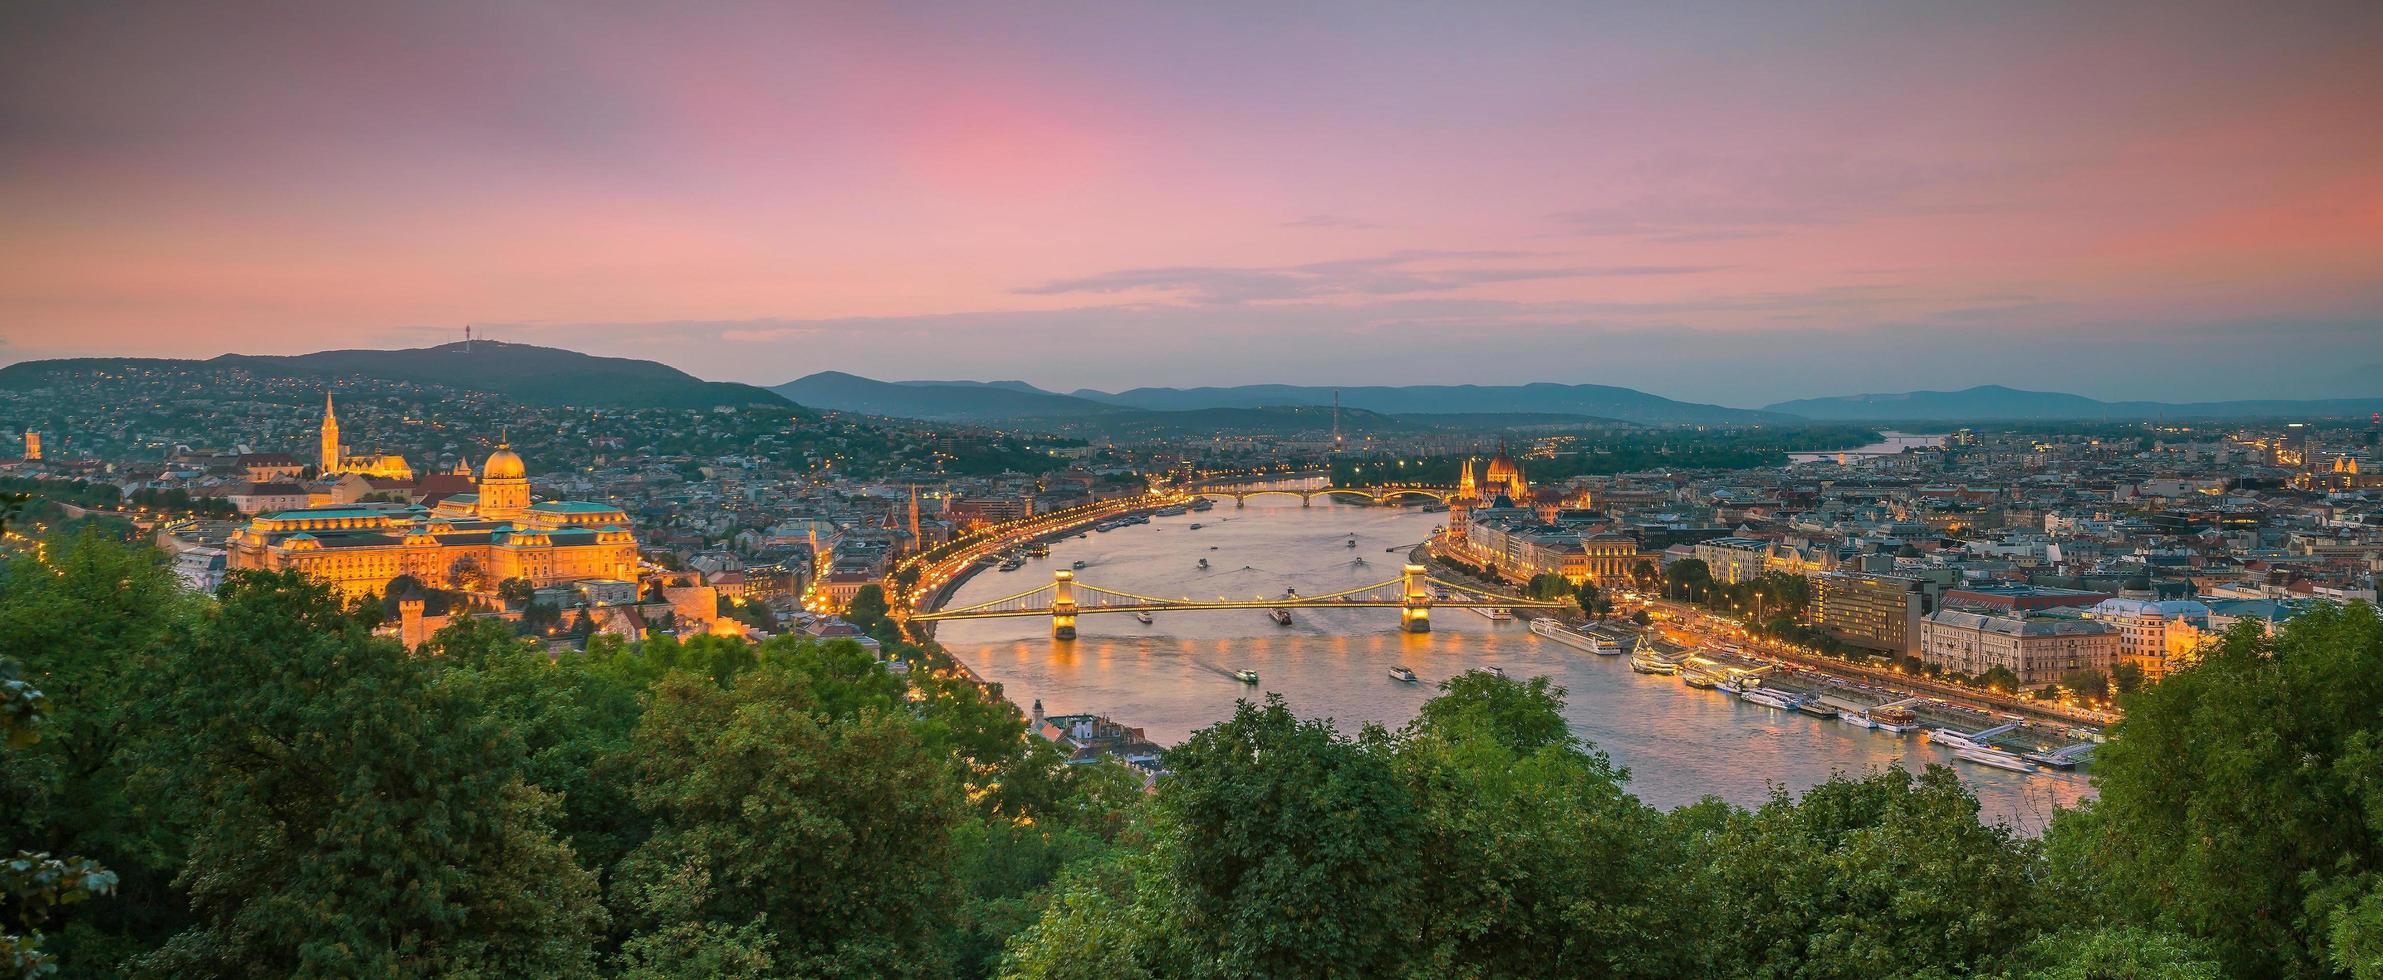 centro di budapest in ungheria foto